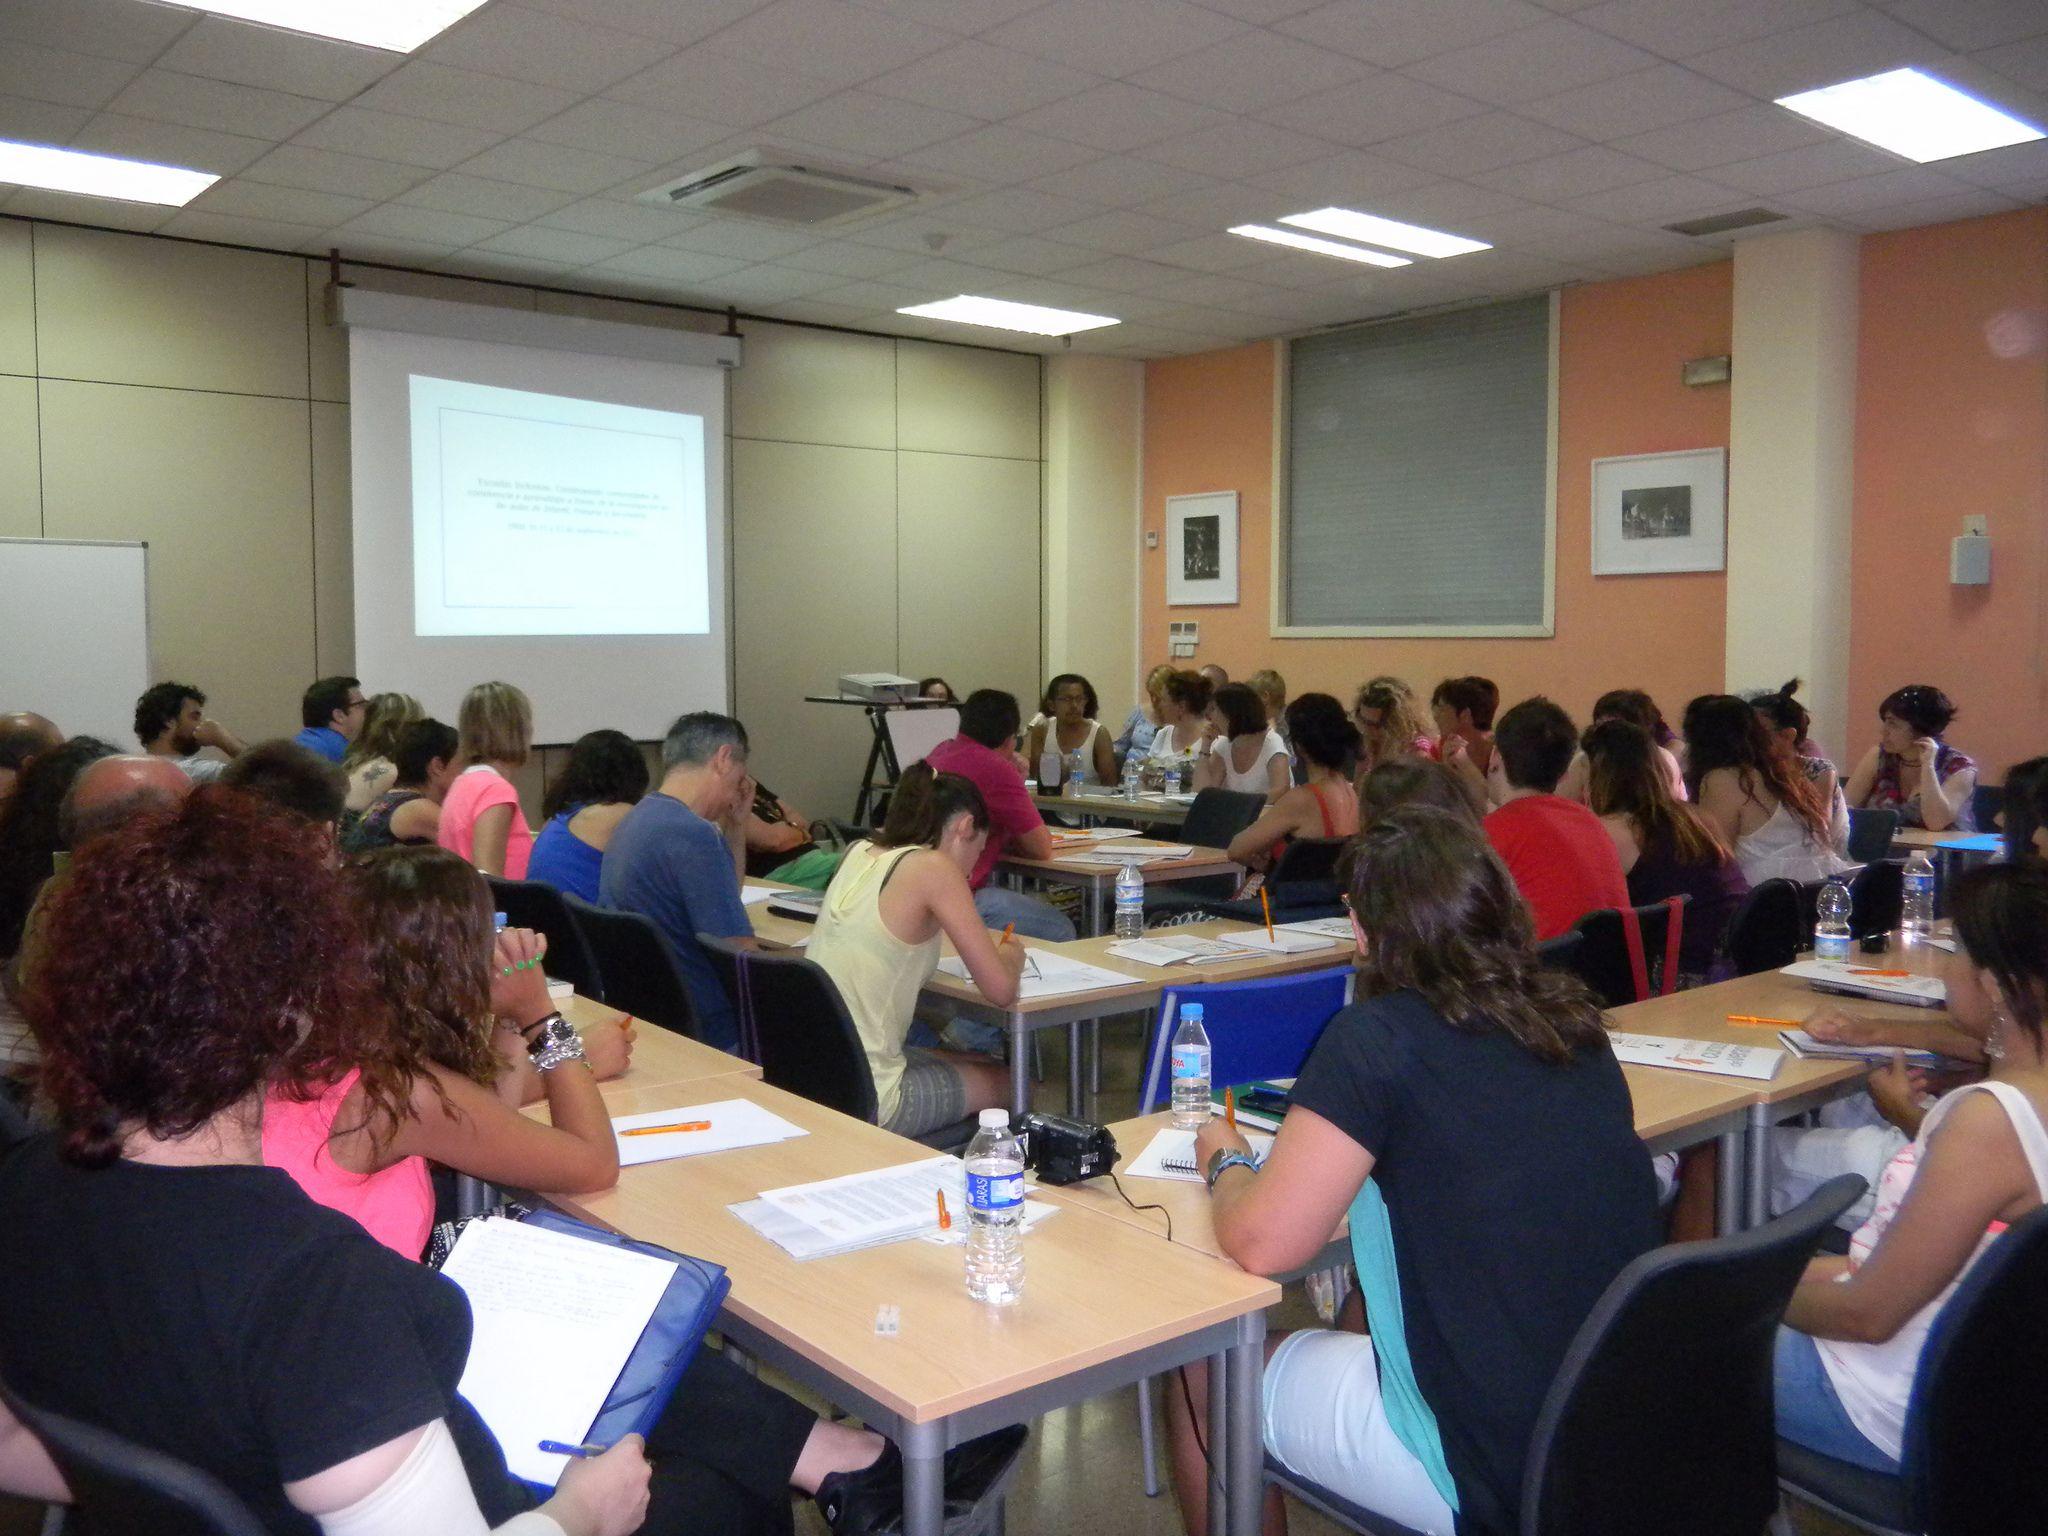 Alumnos recibiendo clase. Flickr